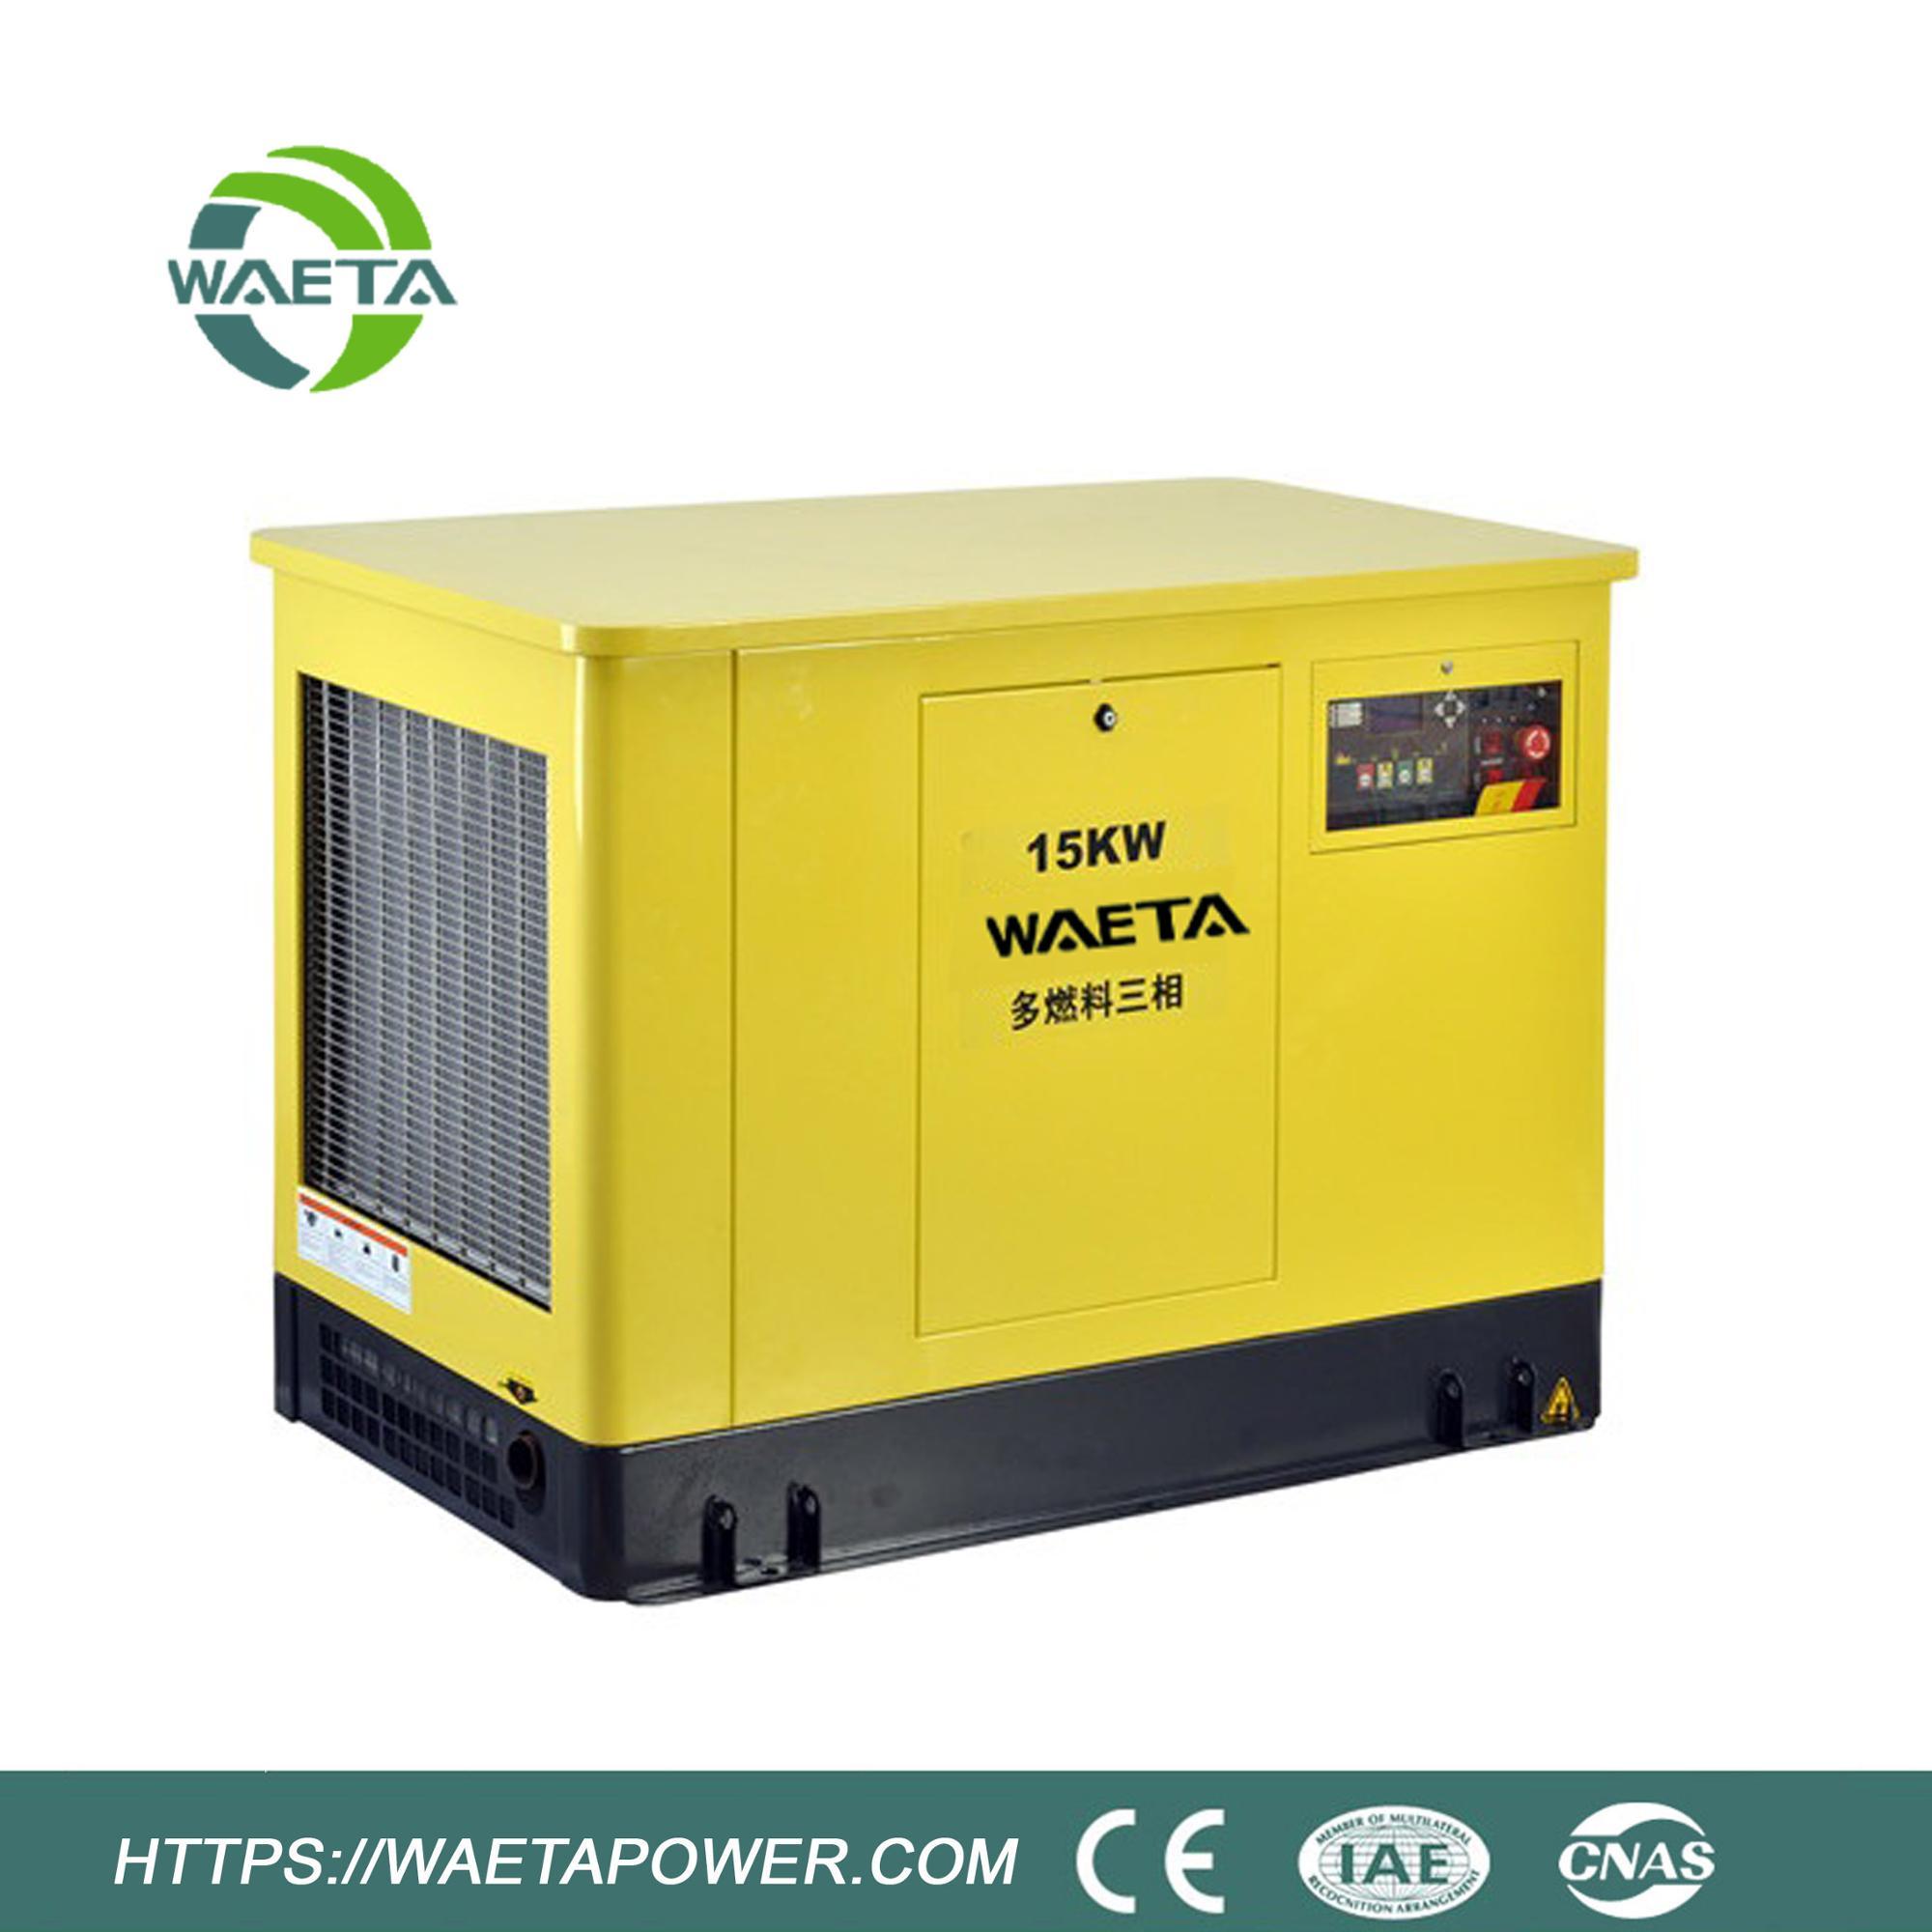 China 15kva Generator China 15kva Generator Manufacturers and